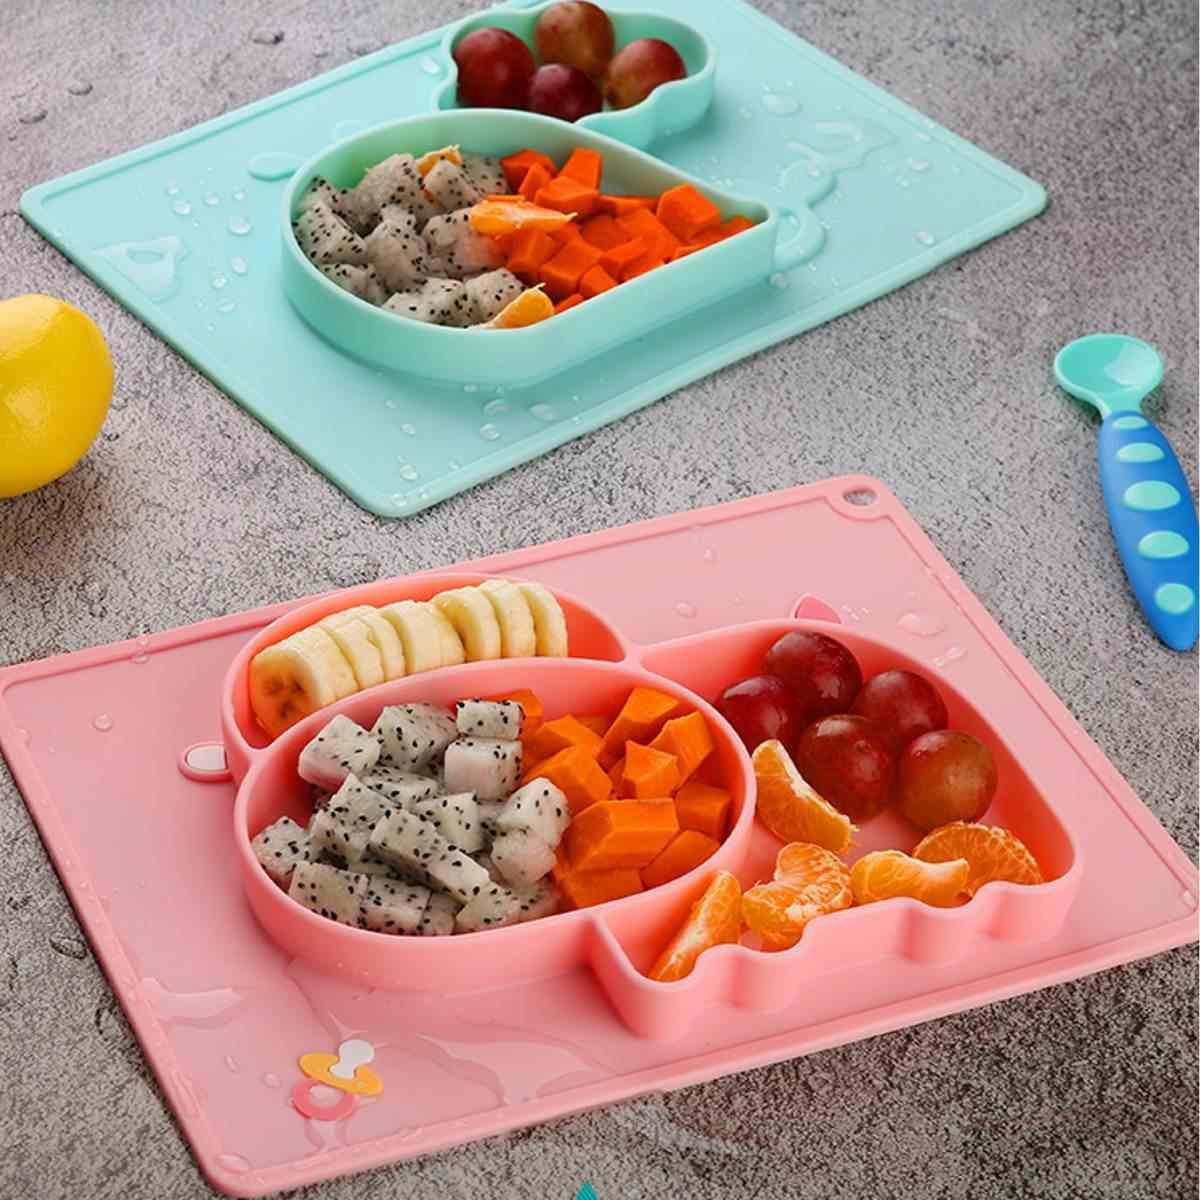 เด็กจานชามเด็กอาหารคอนเทนเนอร์ Placemat อาหารเด็กทารกถ้วยดูดซิลิโคนชามเด็ก